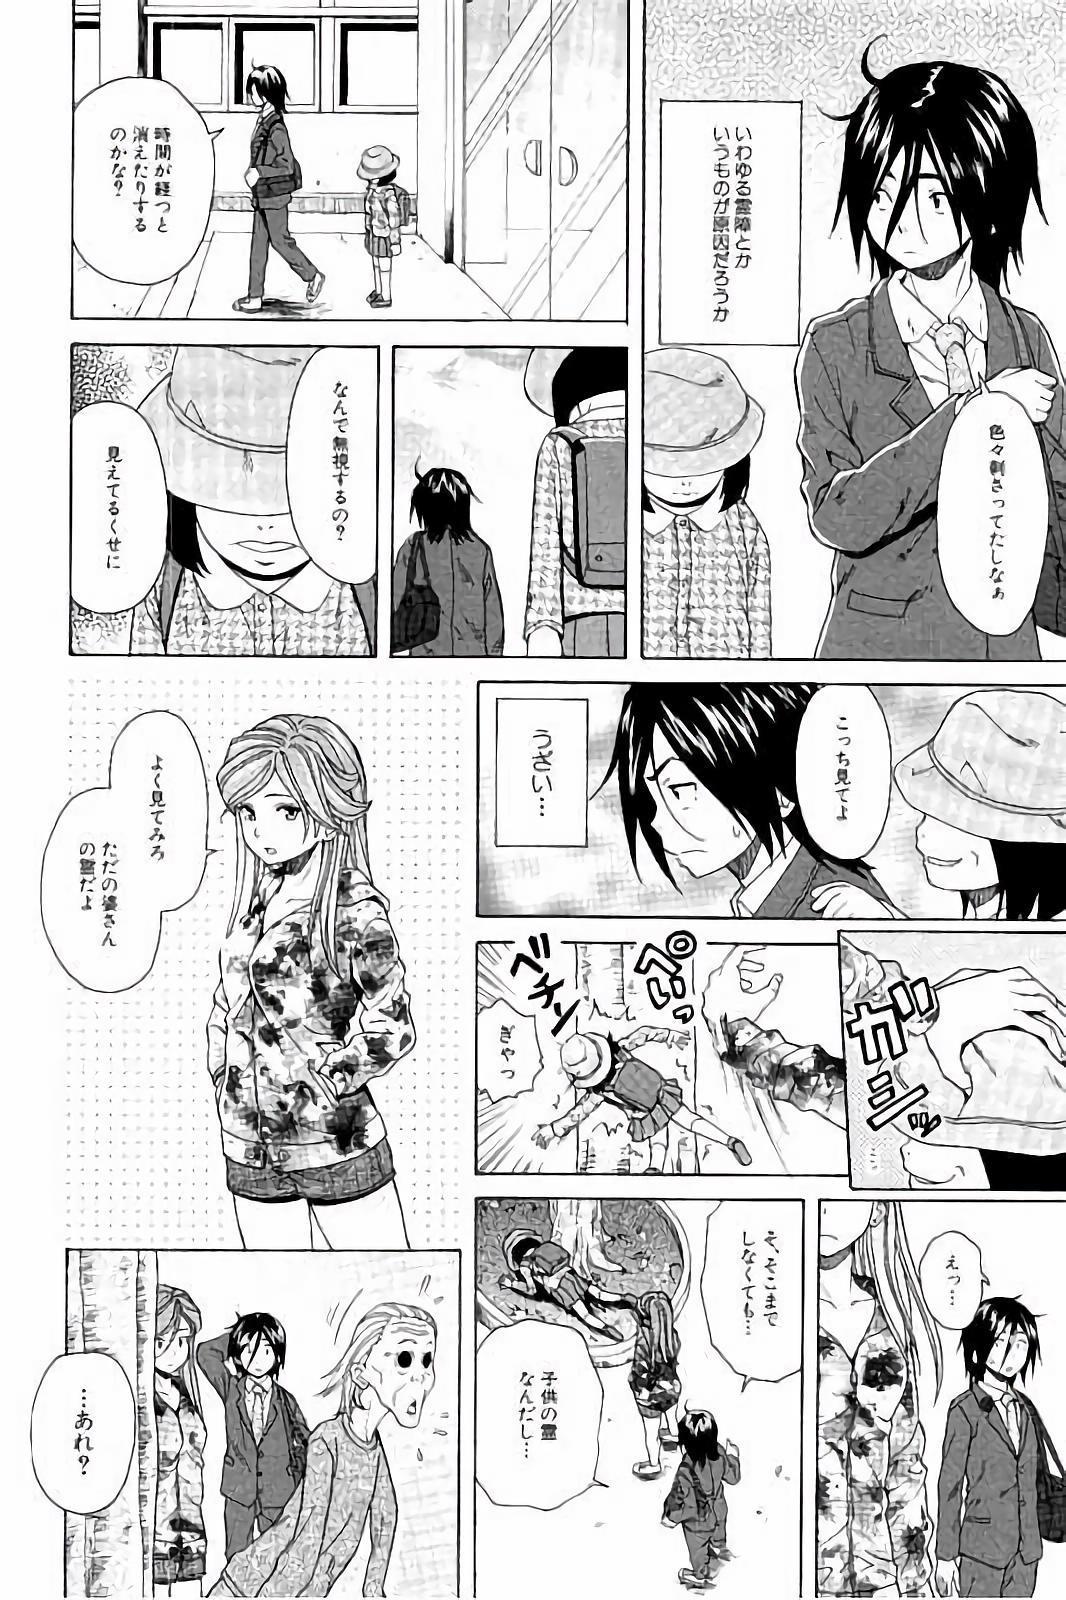 Ane no Himitsu To Boku no Jisatsu 65